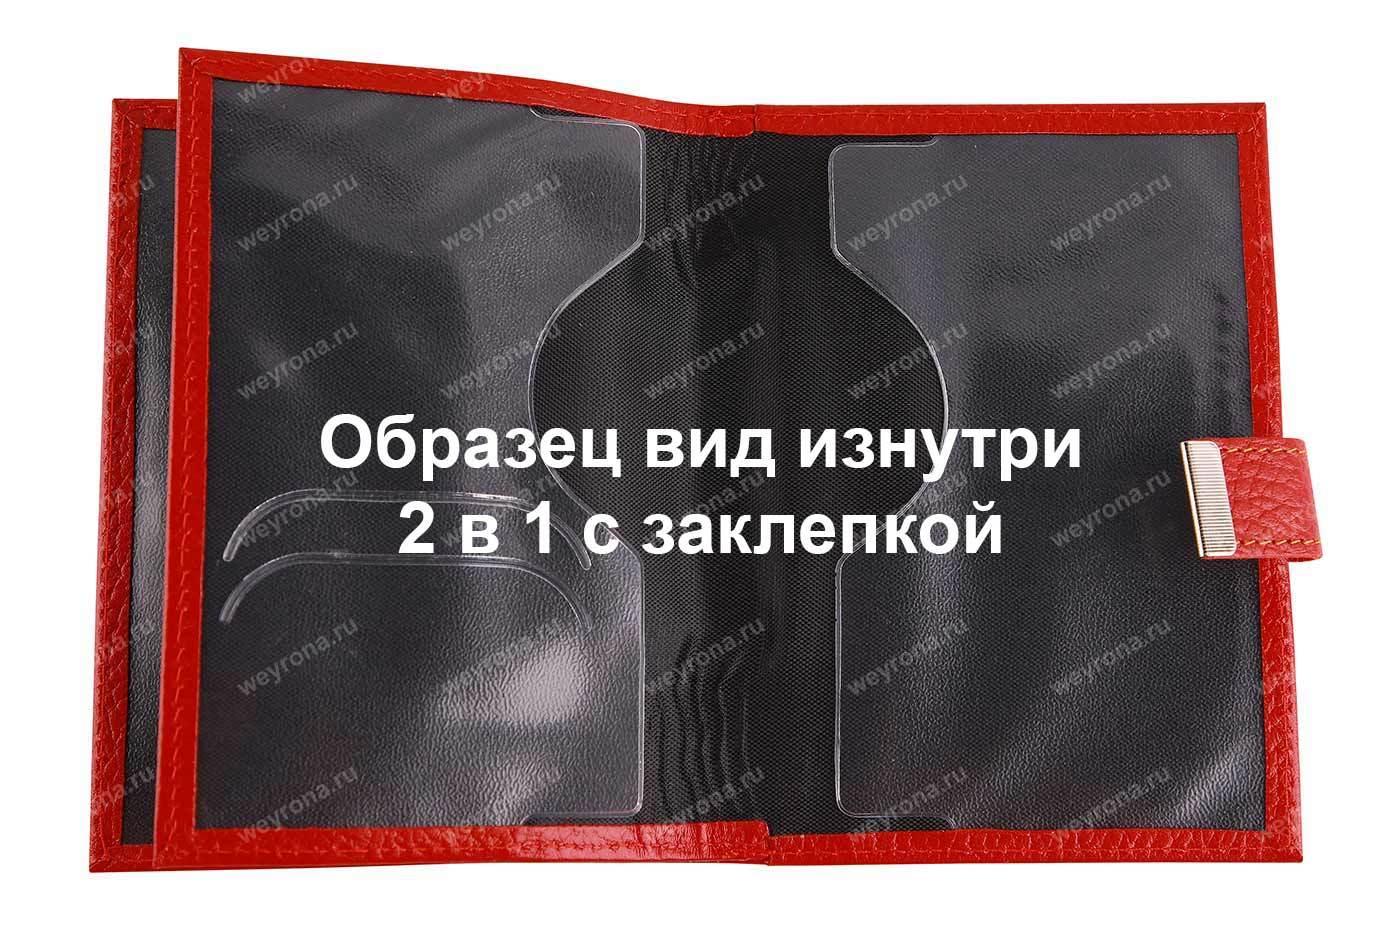 Обложка с заклепкой ФЛОТЕР ЭЛЕКТРО  2 в 1 (ТЕЛЯЧЬЯ КОЖА)